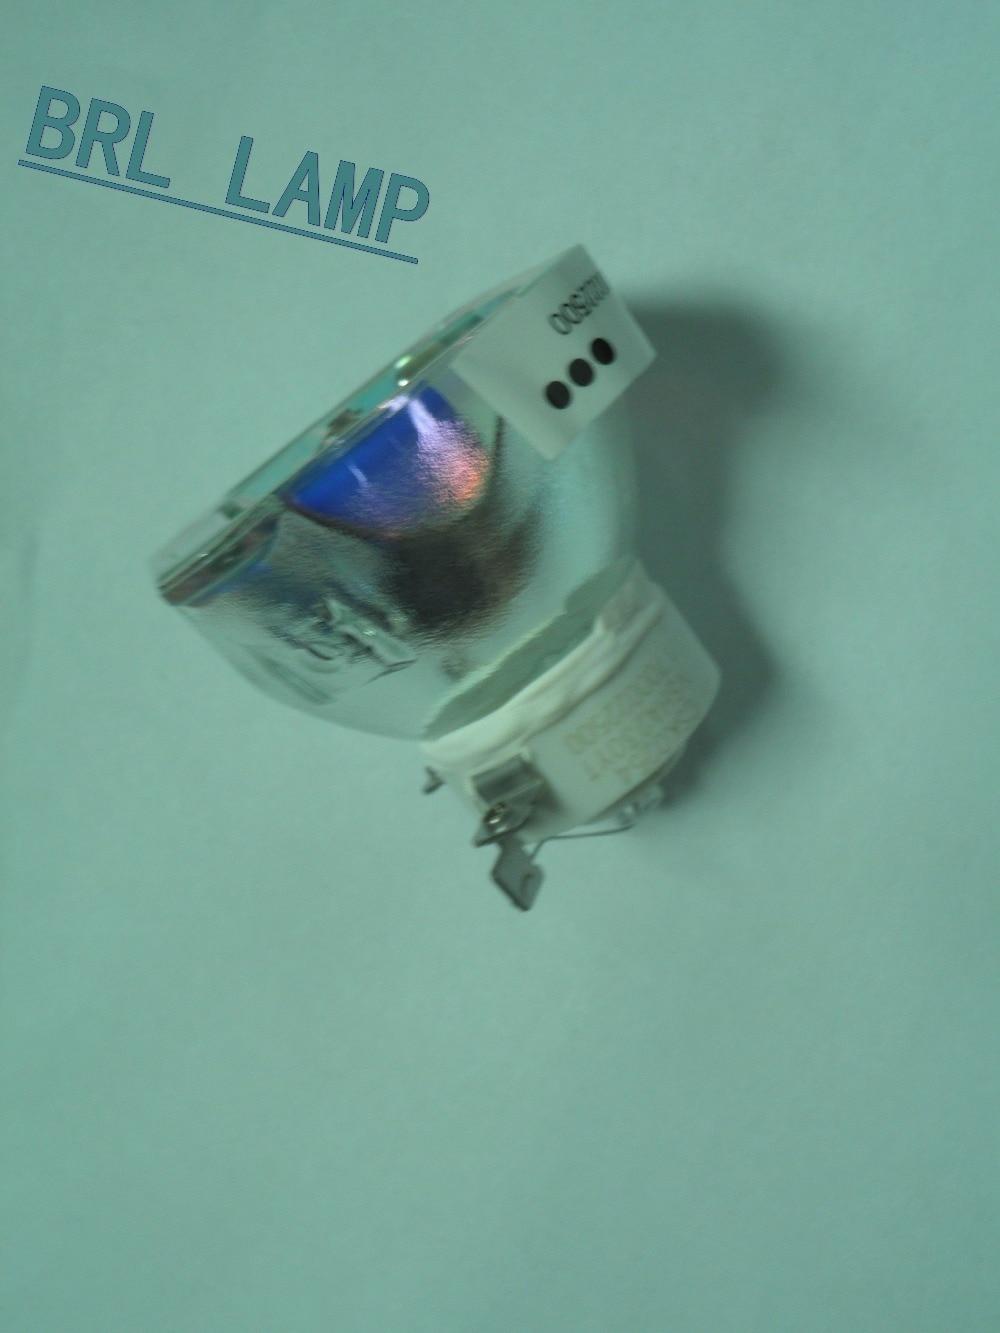 Original& New NSHA230W Projector lamp ET-LAV300 For PT-VW340Z/PT-VW345NZ/PT-VW350/PT-VW355N/PT-VX410Z/PT-VX415NZ/PT-VX420/VX42Z lamtop et lav300 replacement compatible projector lamp bulb with housing pt vw340ze pt vw350 pt vx345nze pt vx410ze